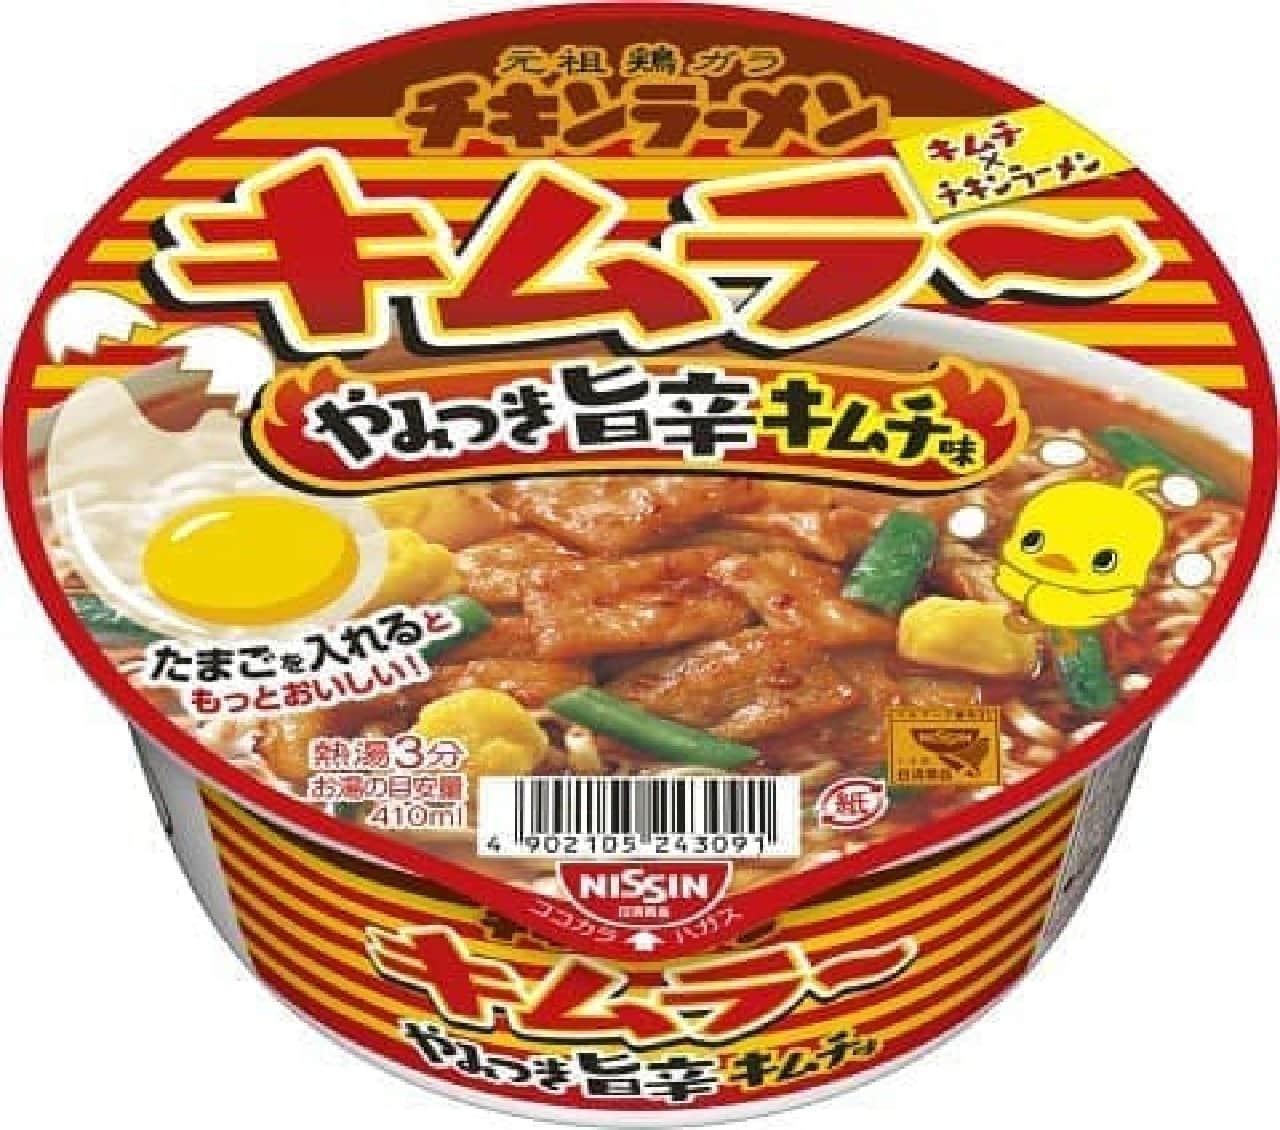 日清食品「チキンラーメンどんぶり キムラー」